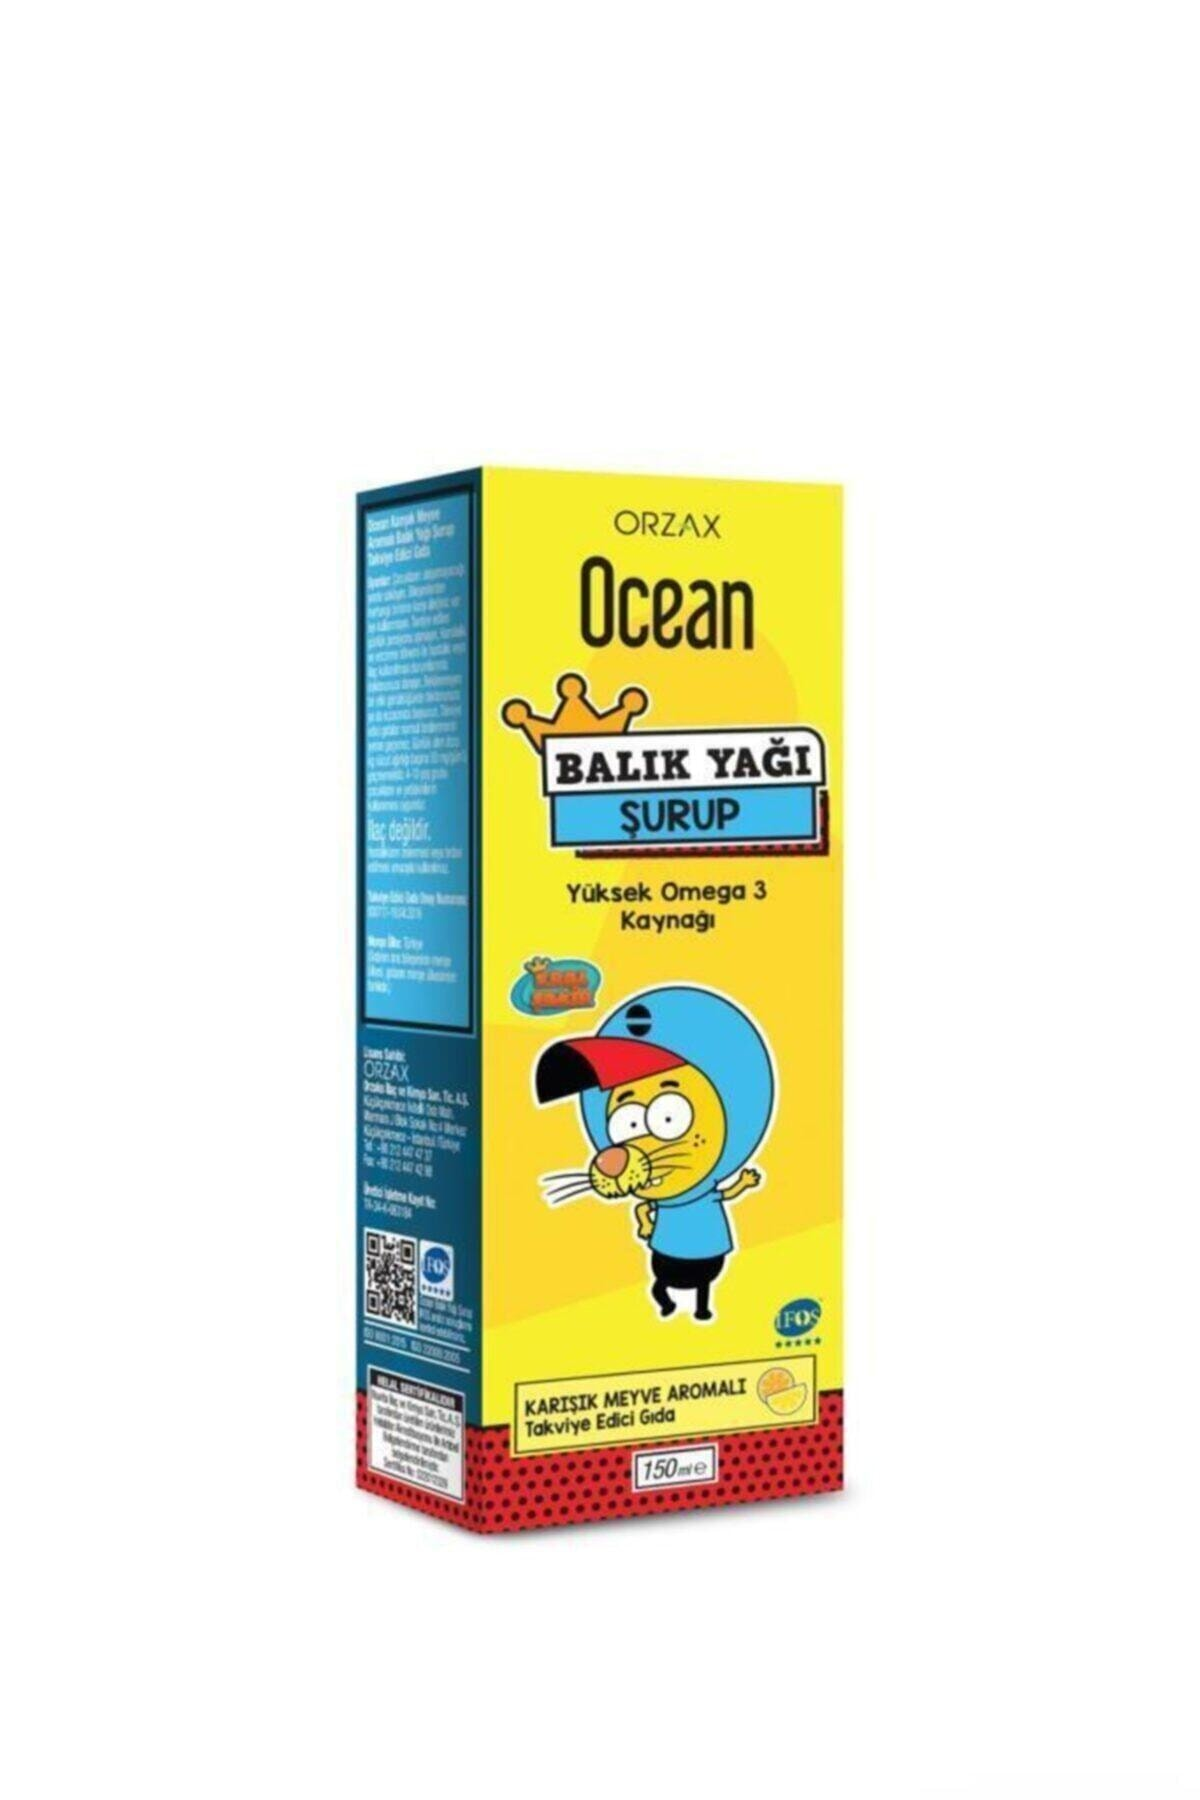 Orzax Ocean Omega 3 Karışık Meyveli Balık Yağı Şurubu Kral Şakir 150 ml 1